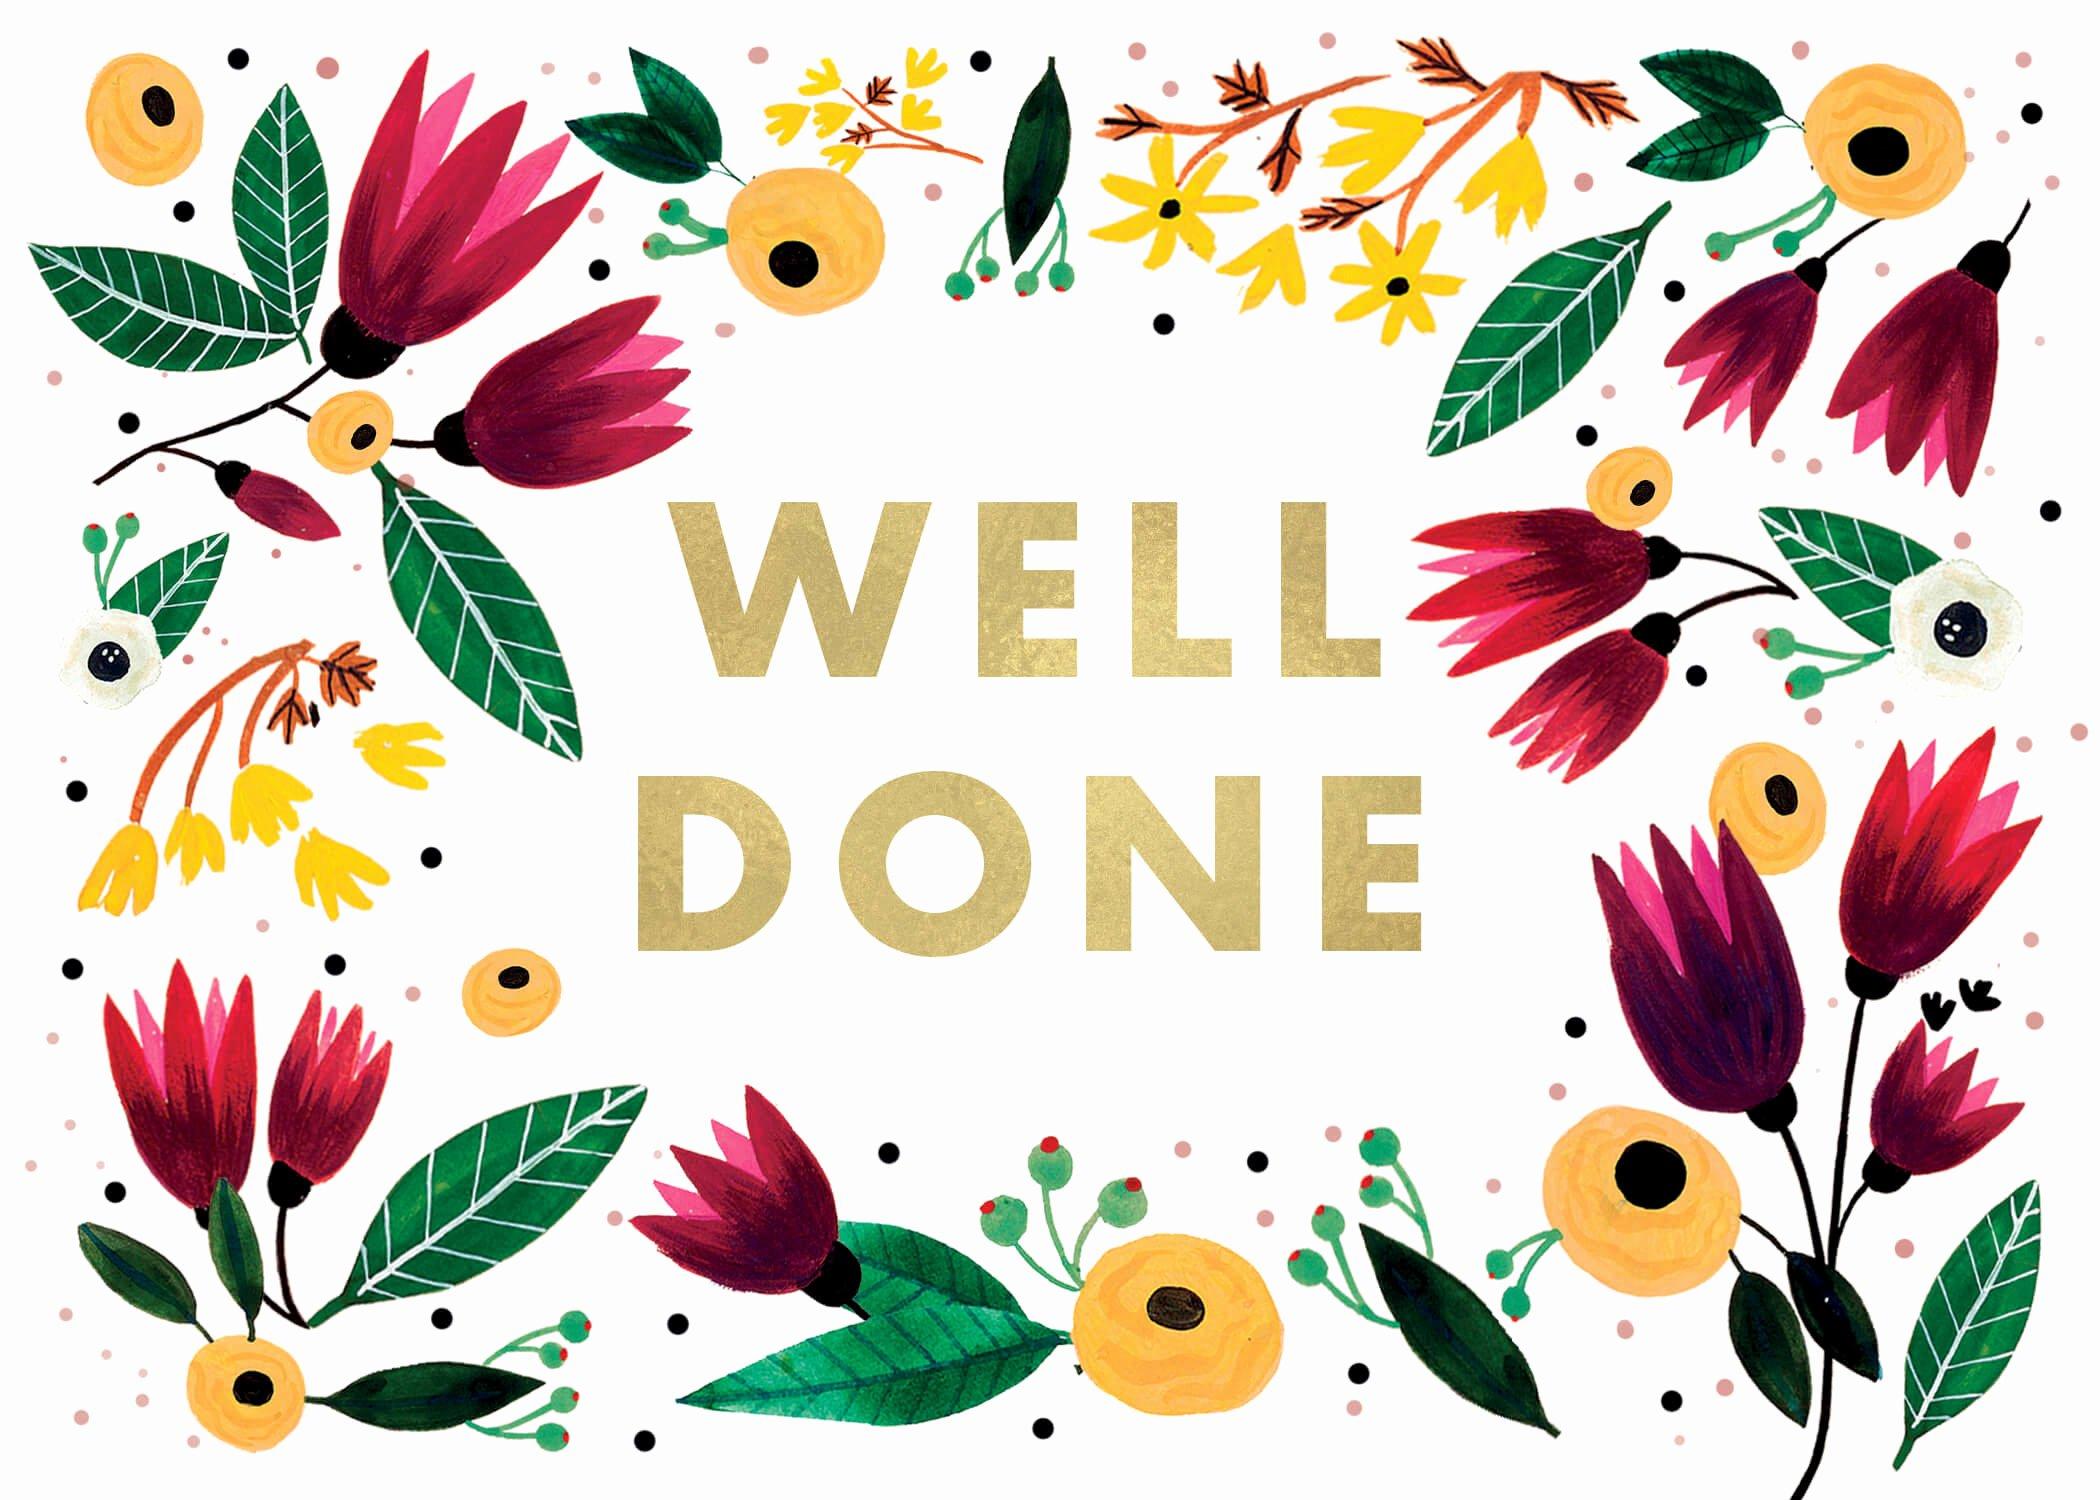 Free Printable Congratulations Cards Unique Well Done Congratulations Card Free